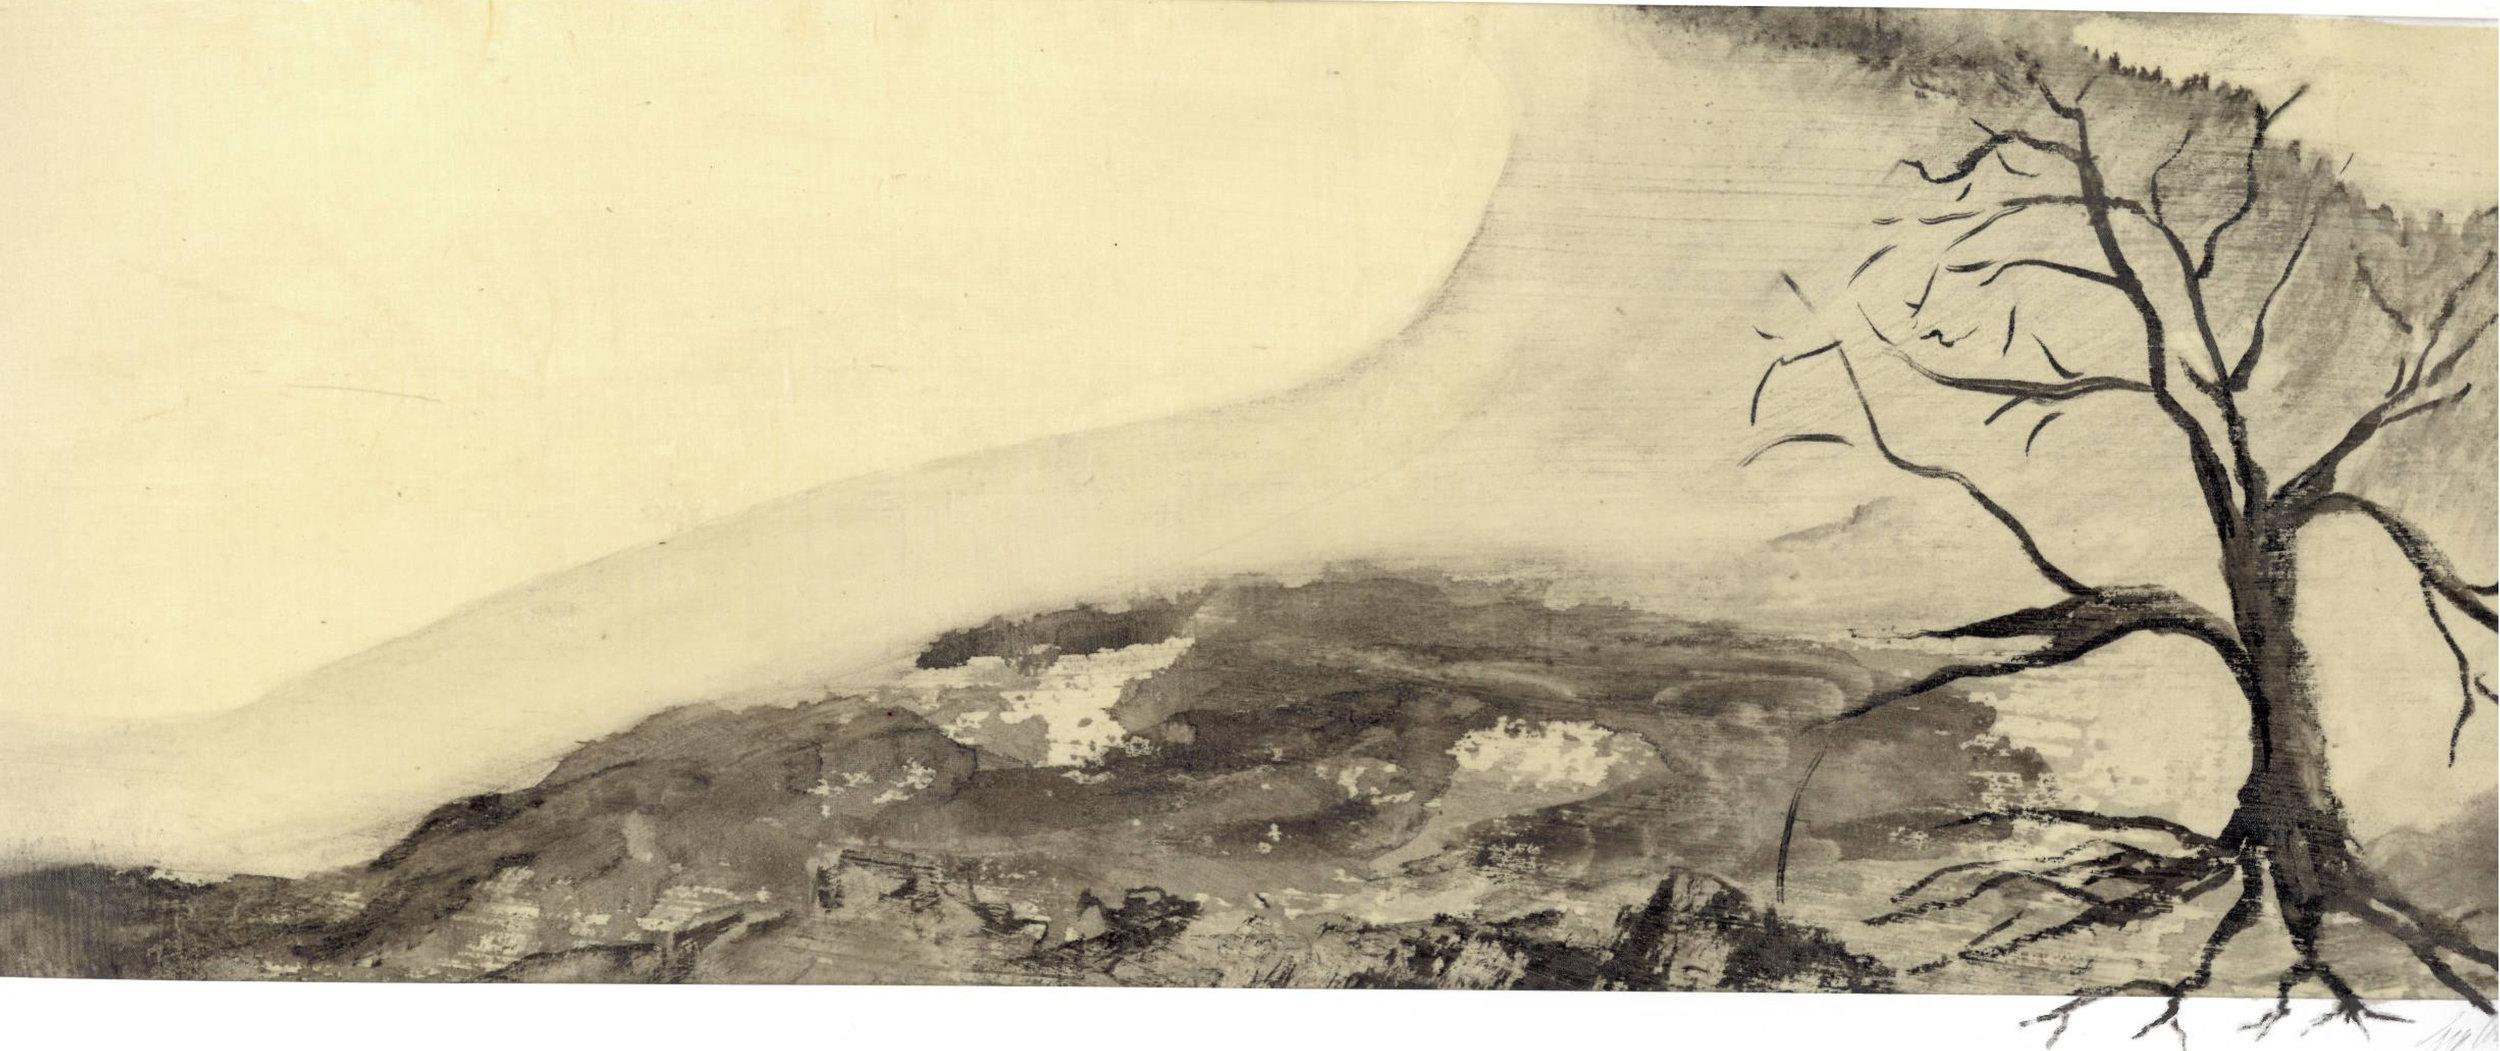 vallée des sages scan 1.jpg